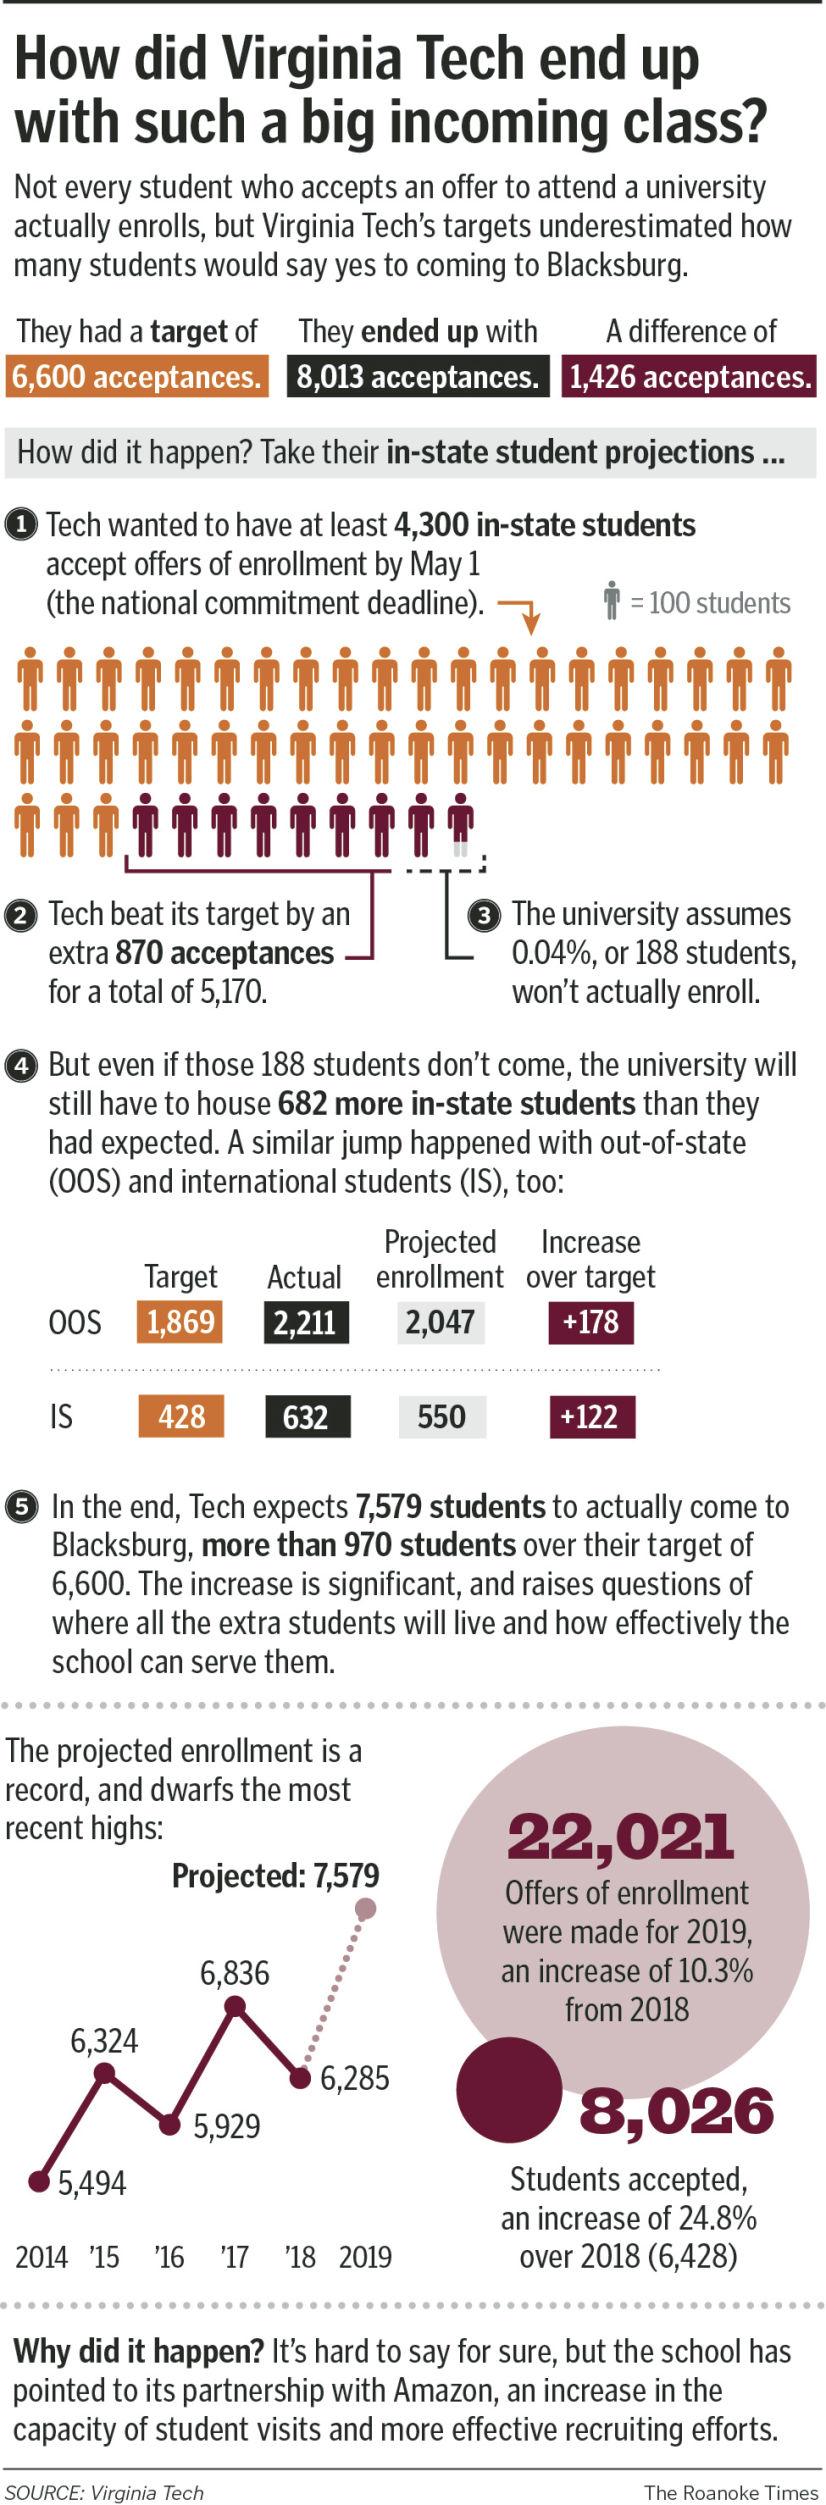 Virginia Tech over-enrollment